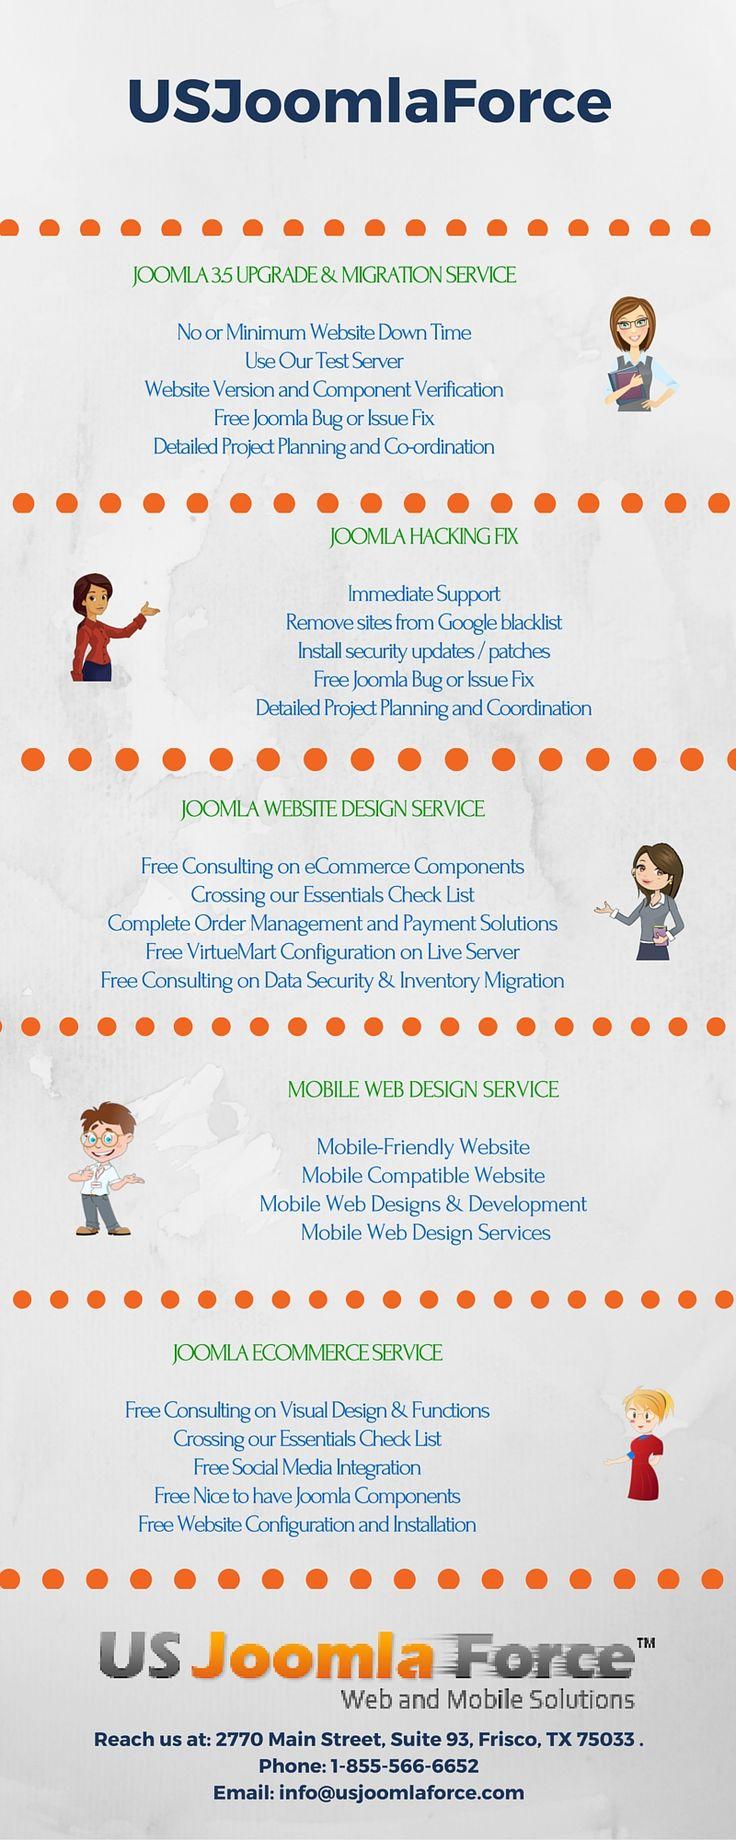 Joomla tshirt design -  It S Easy To Update Your Joomla Website To Latest Joomla 3 5 Version Let Our